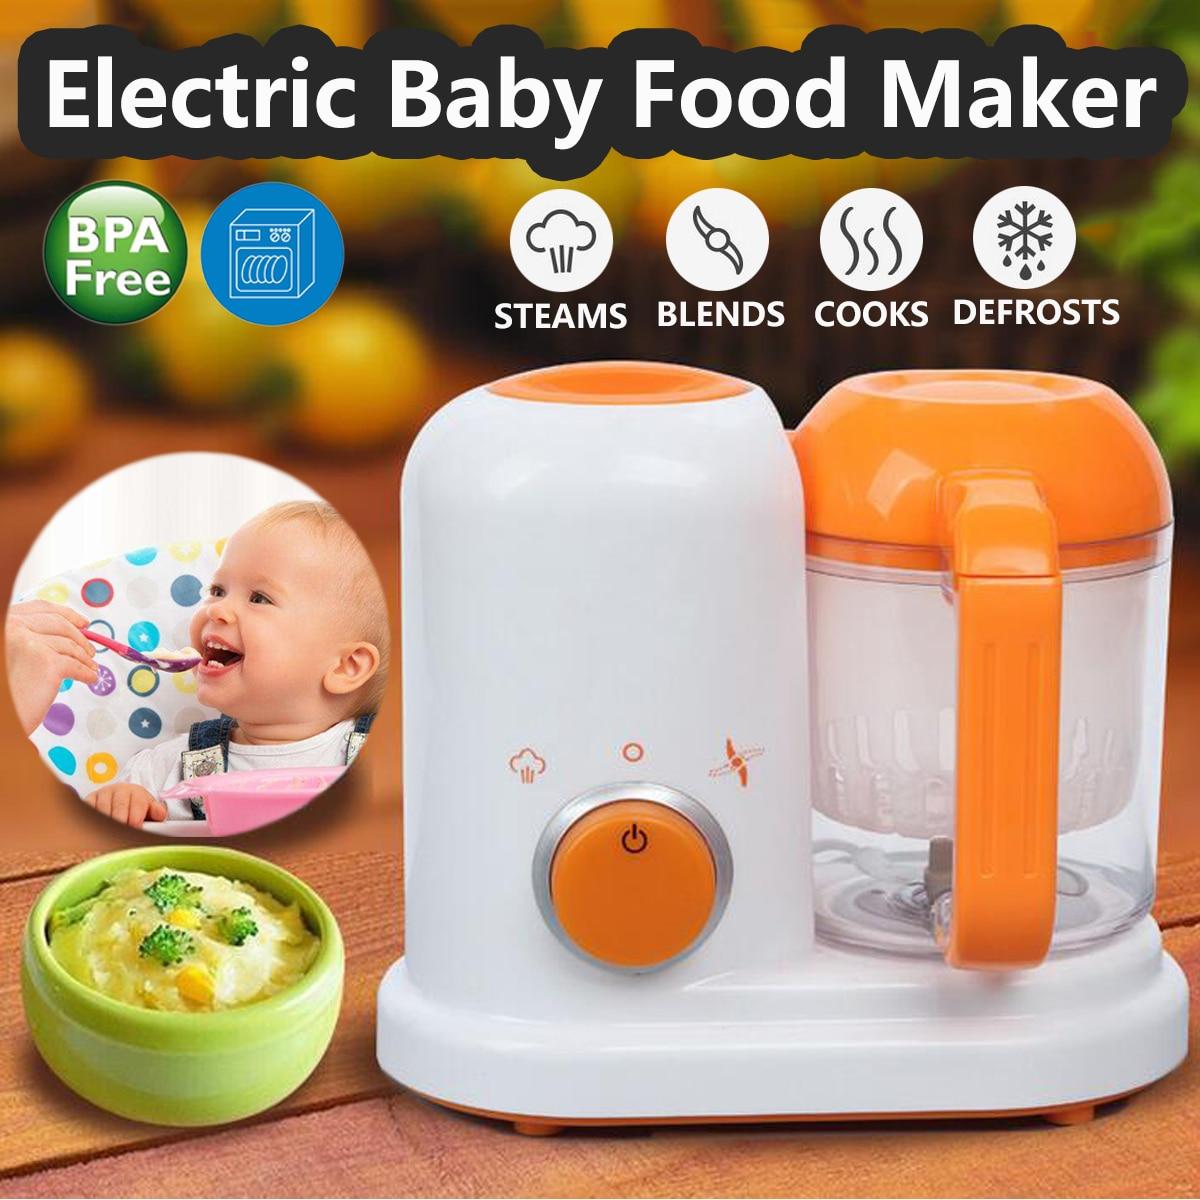 Fabricant de nourriture pour bébé électrique tout en un tout-petit mélangeurs vapeur processeur sans BPA alimentaire-classé PP EU AC 200-250 V vapeur alimentaire sans danger